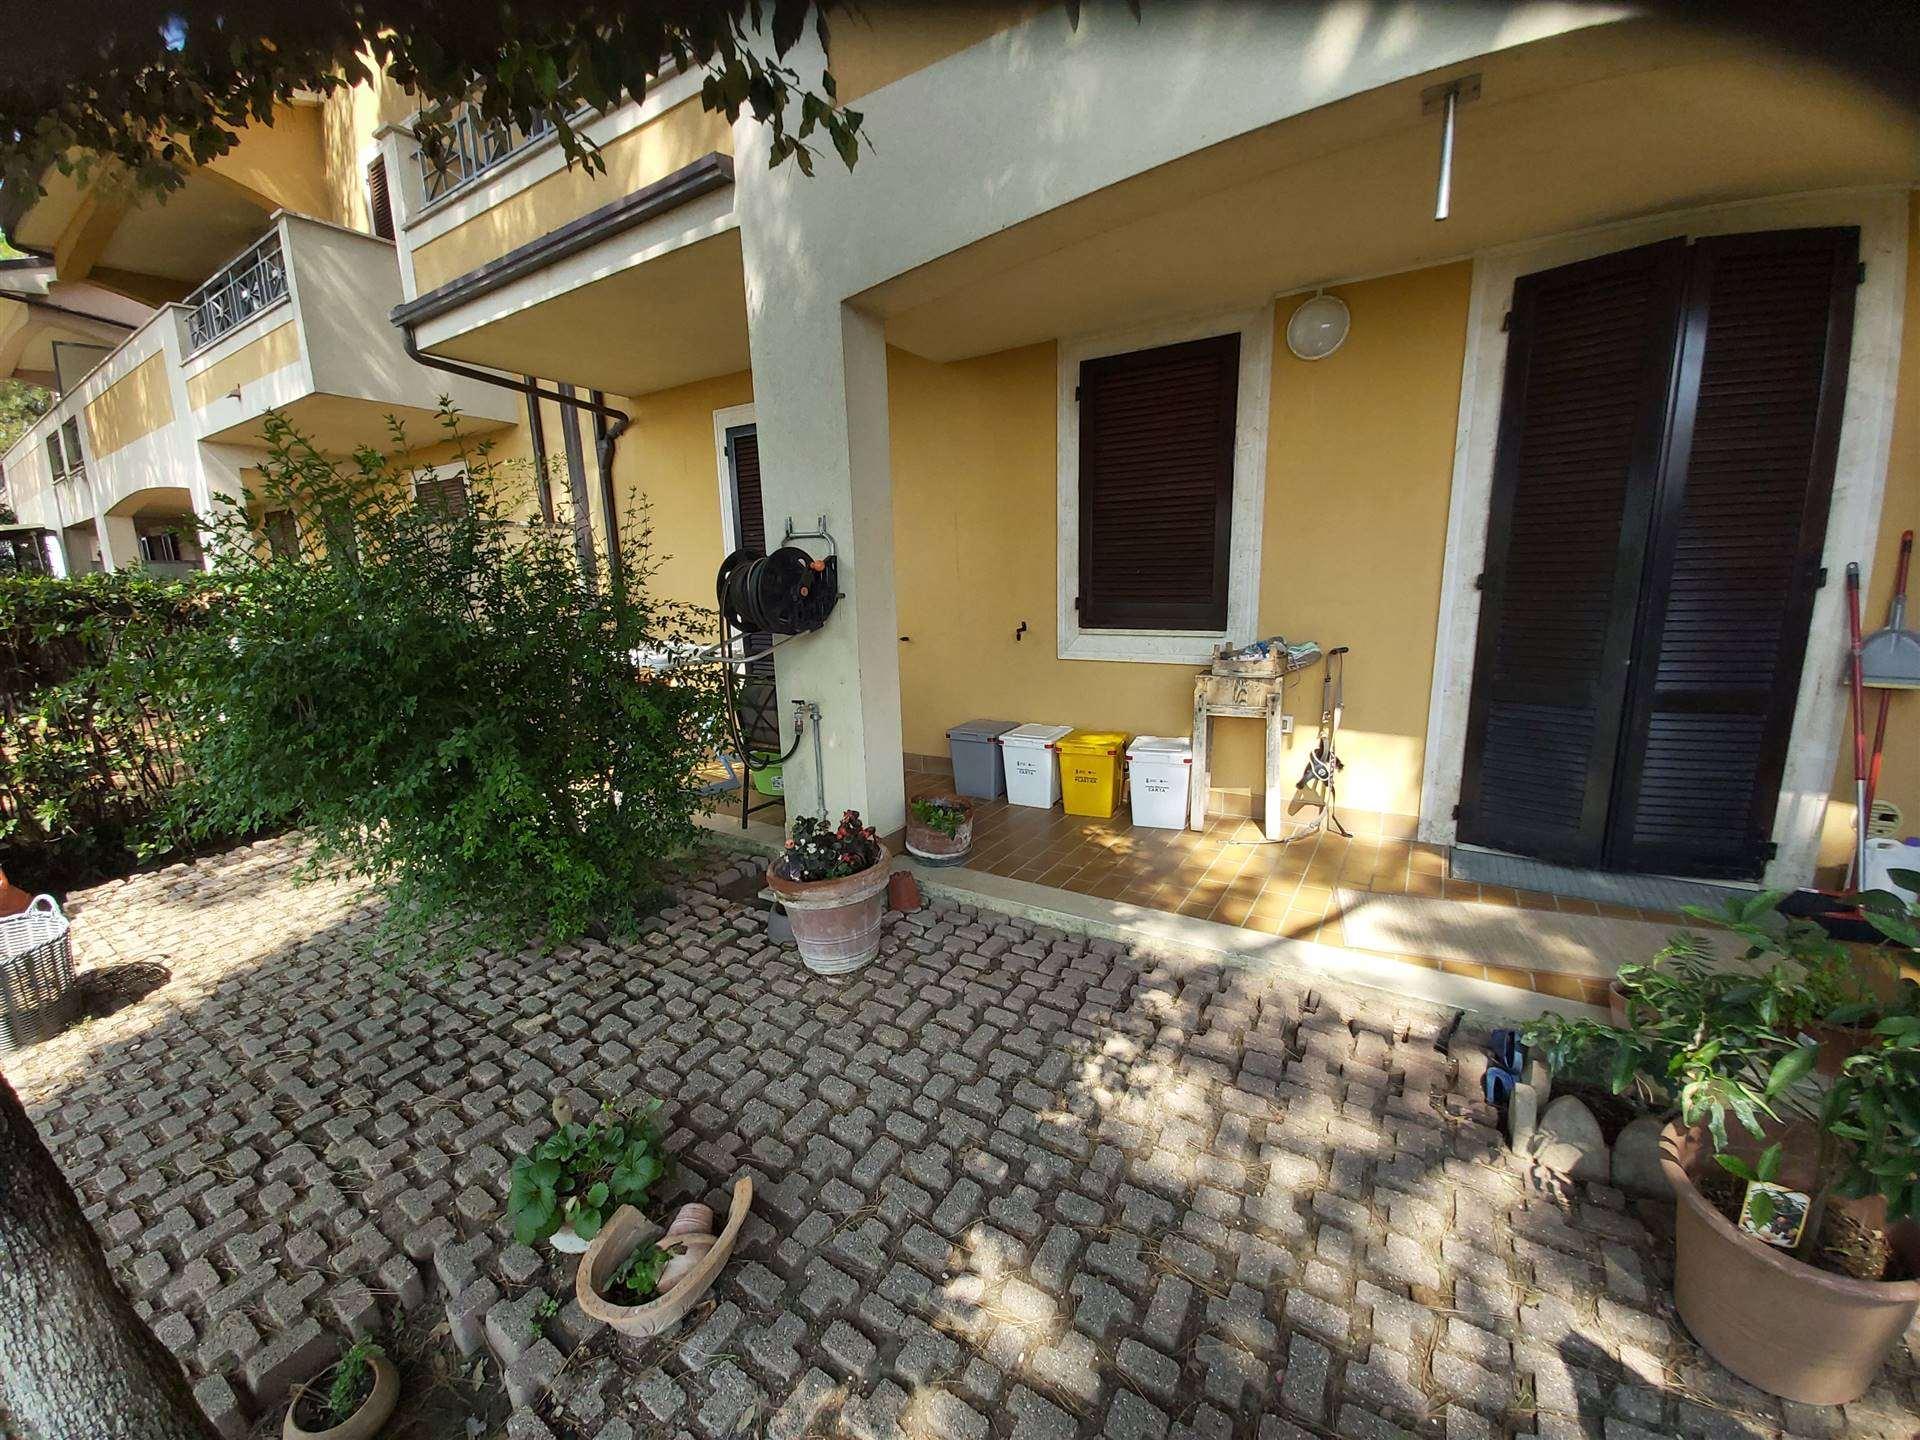 ALL IMMOBILIARE SAS propone in vendita ad OSIMO - località CAMPOCAVALLO - appartamento al piano terra con ampio giardino e garage. L'abitazione